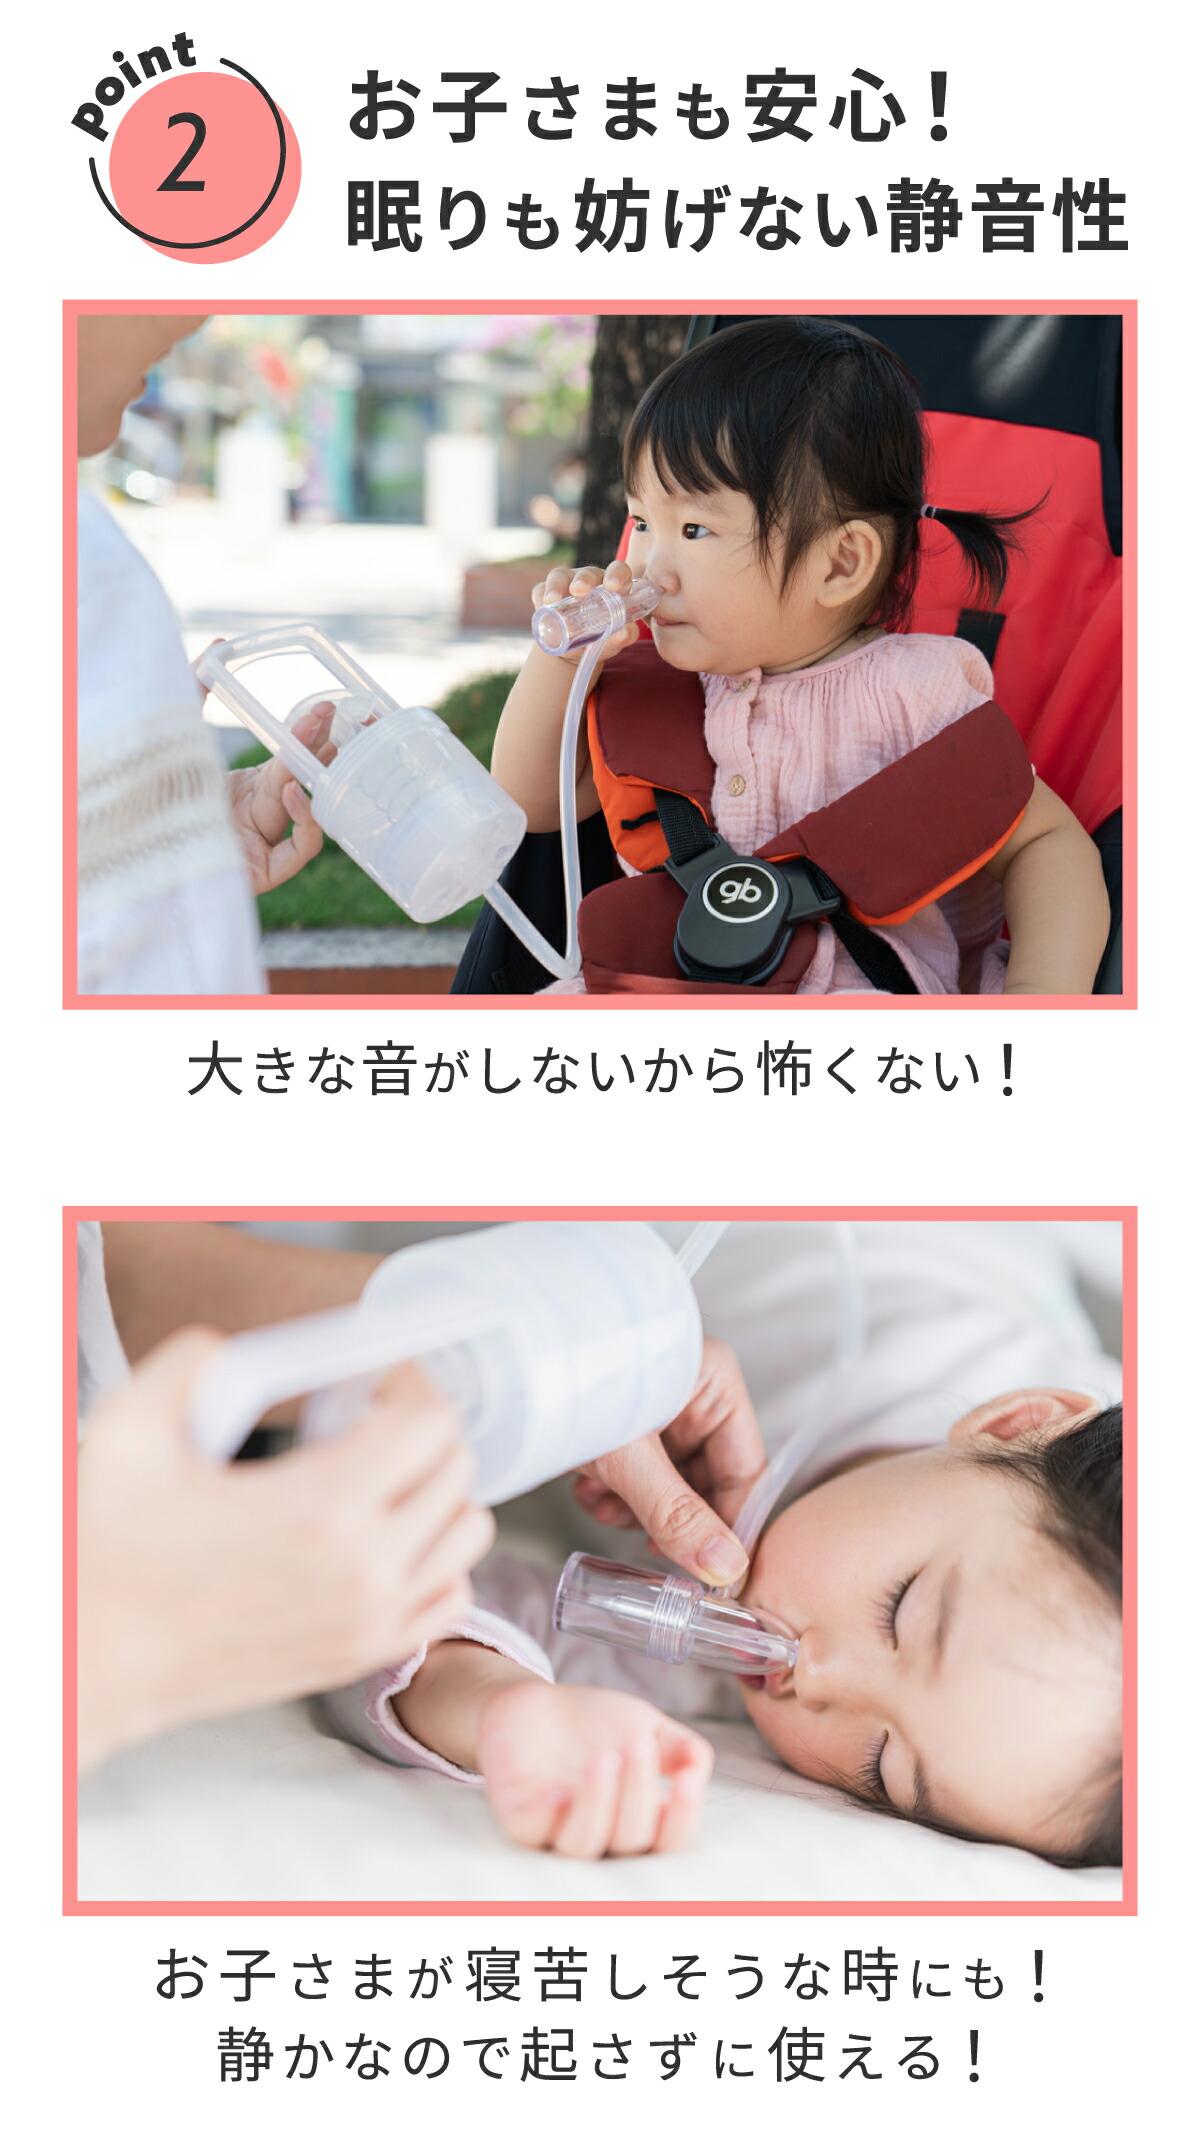 POINT2:お子さまも安心!眠りも妨げない静音性